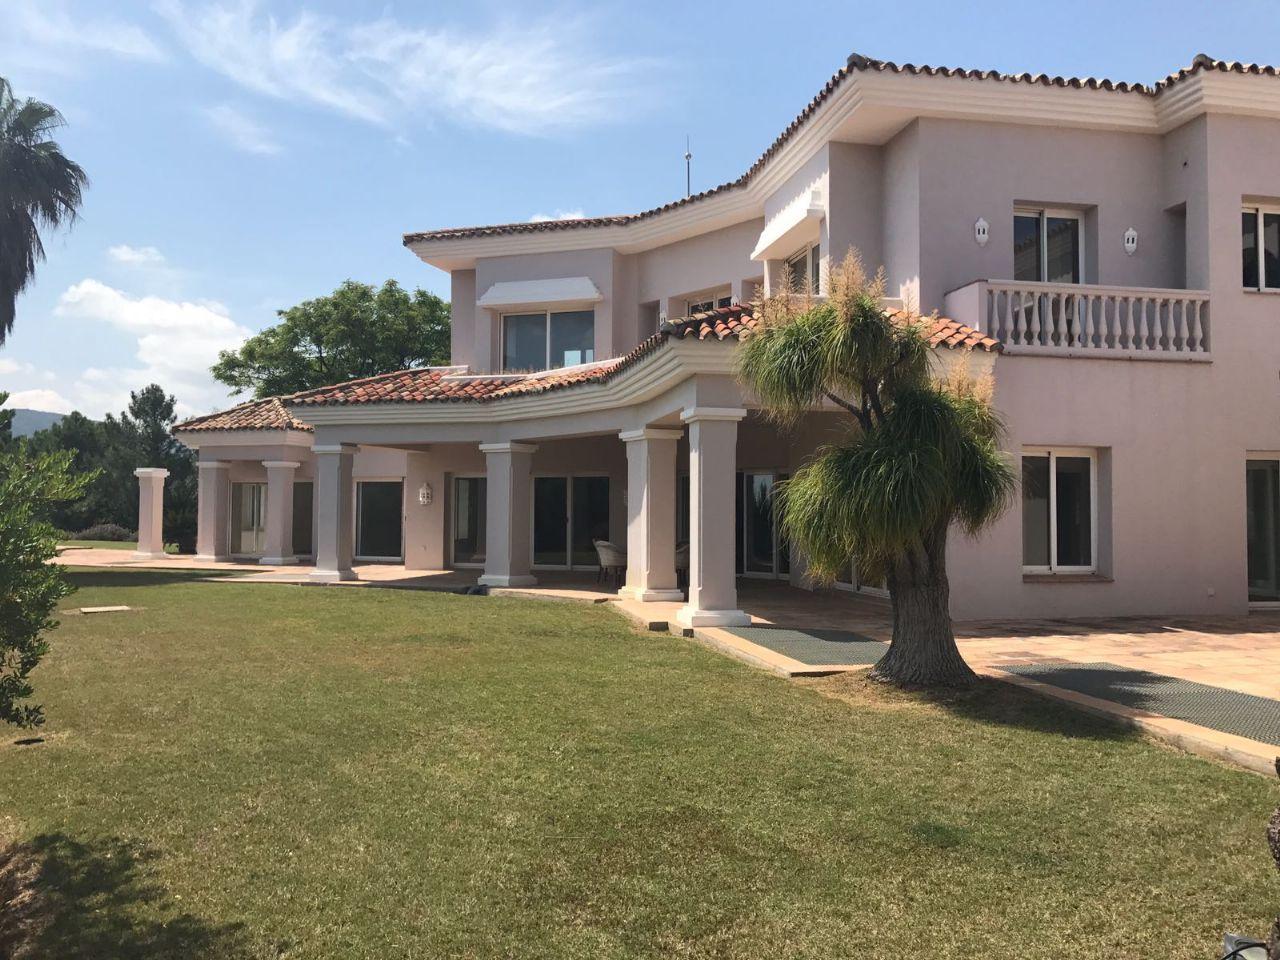 Villa de Lujo en Marbella, Zagaleta, alquiler